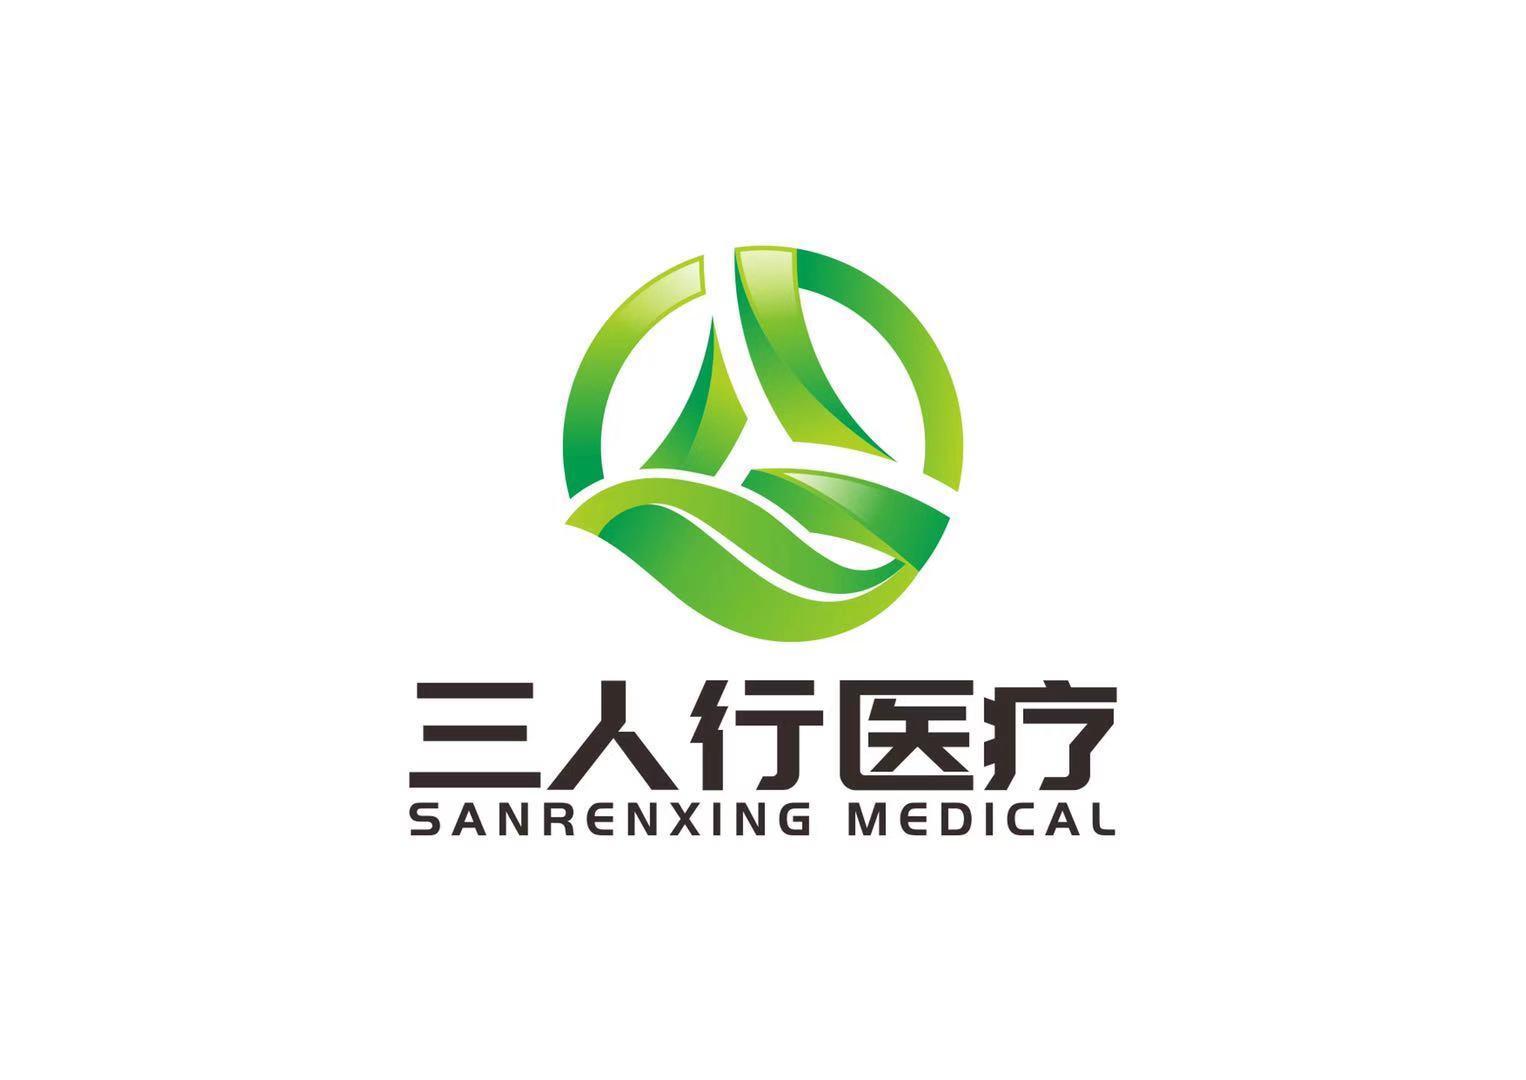 宿迁三人行医疗器械有限公司Logo